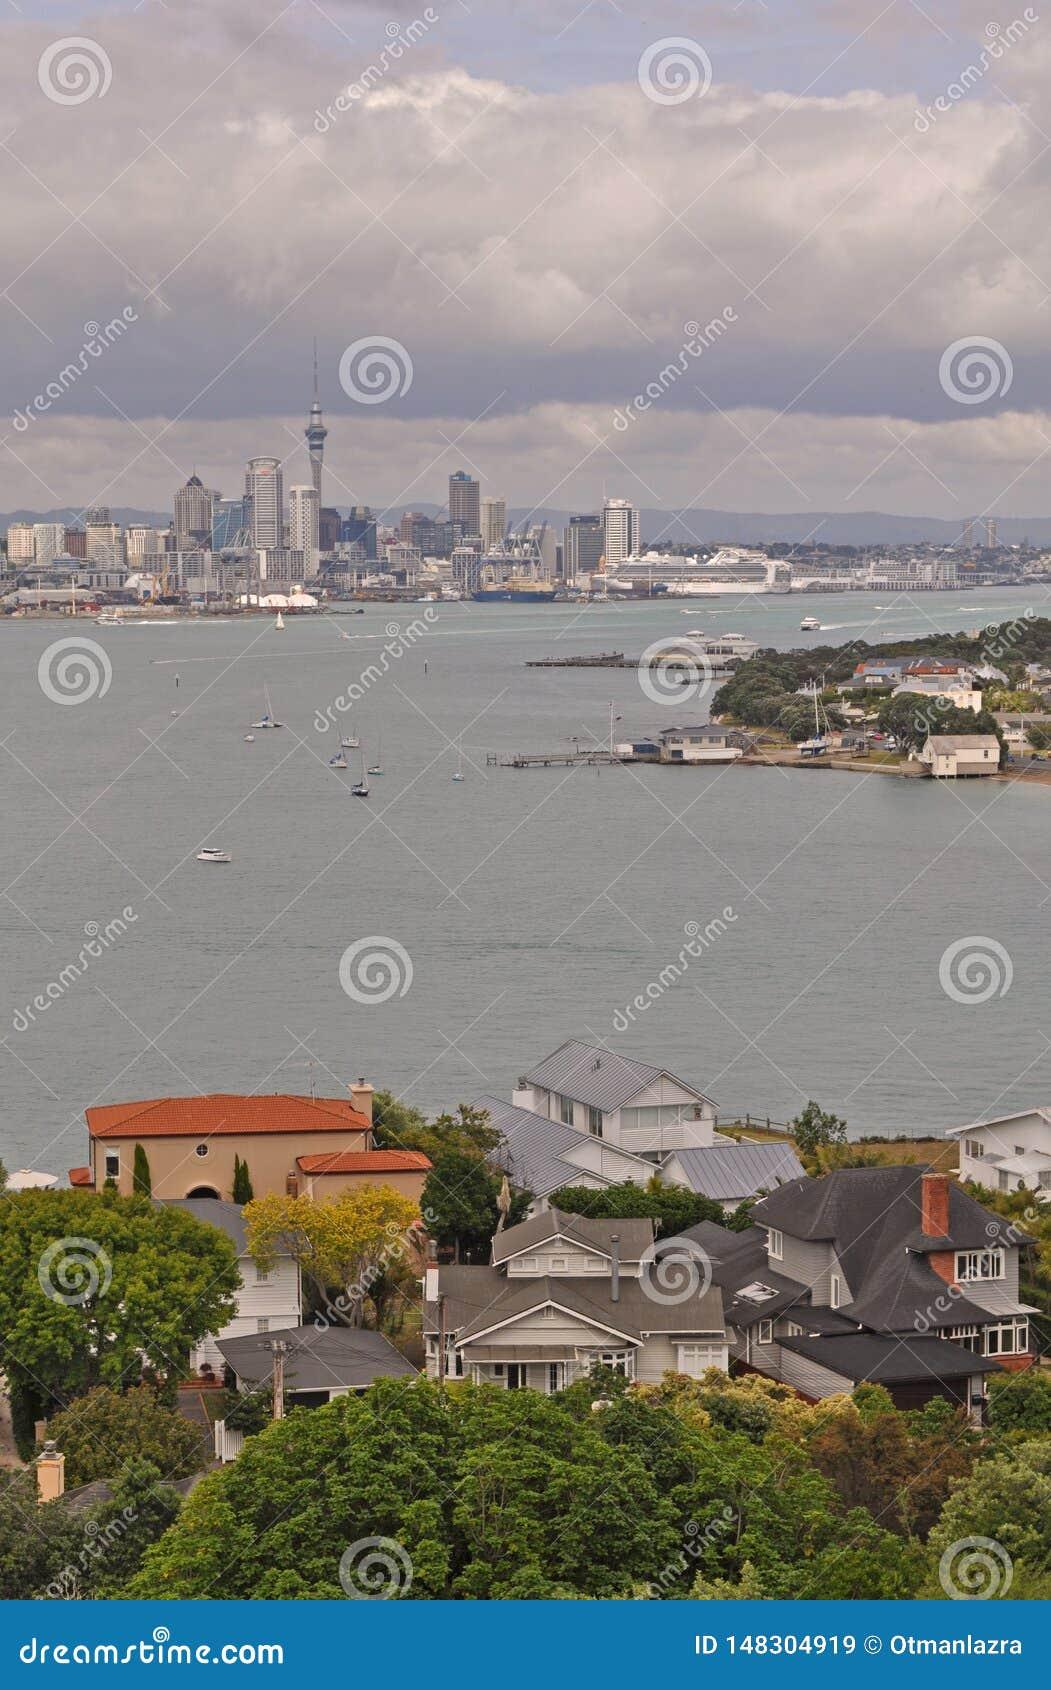 Vista de la ciudad del ?rea de Devonport, isla del norte, Nueva Zelanda de Auckland